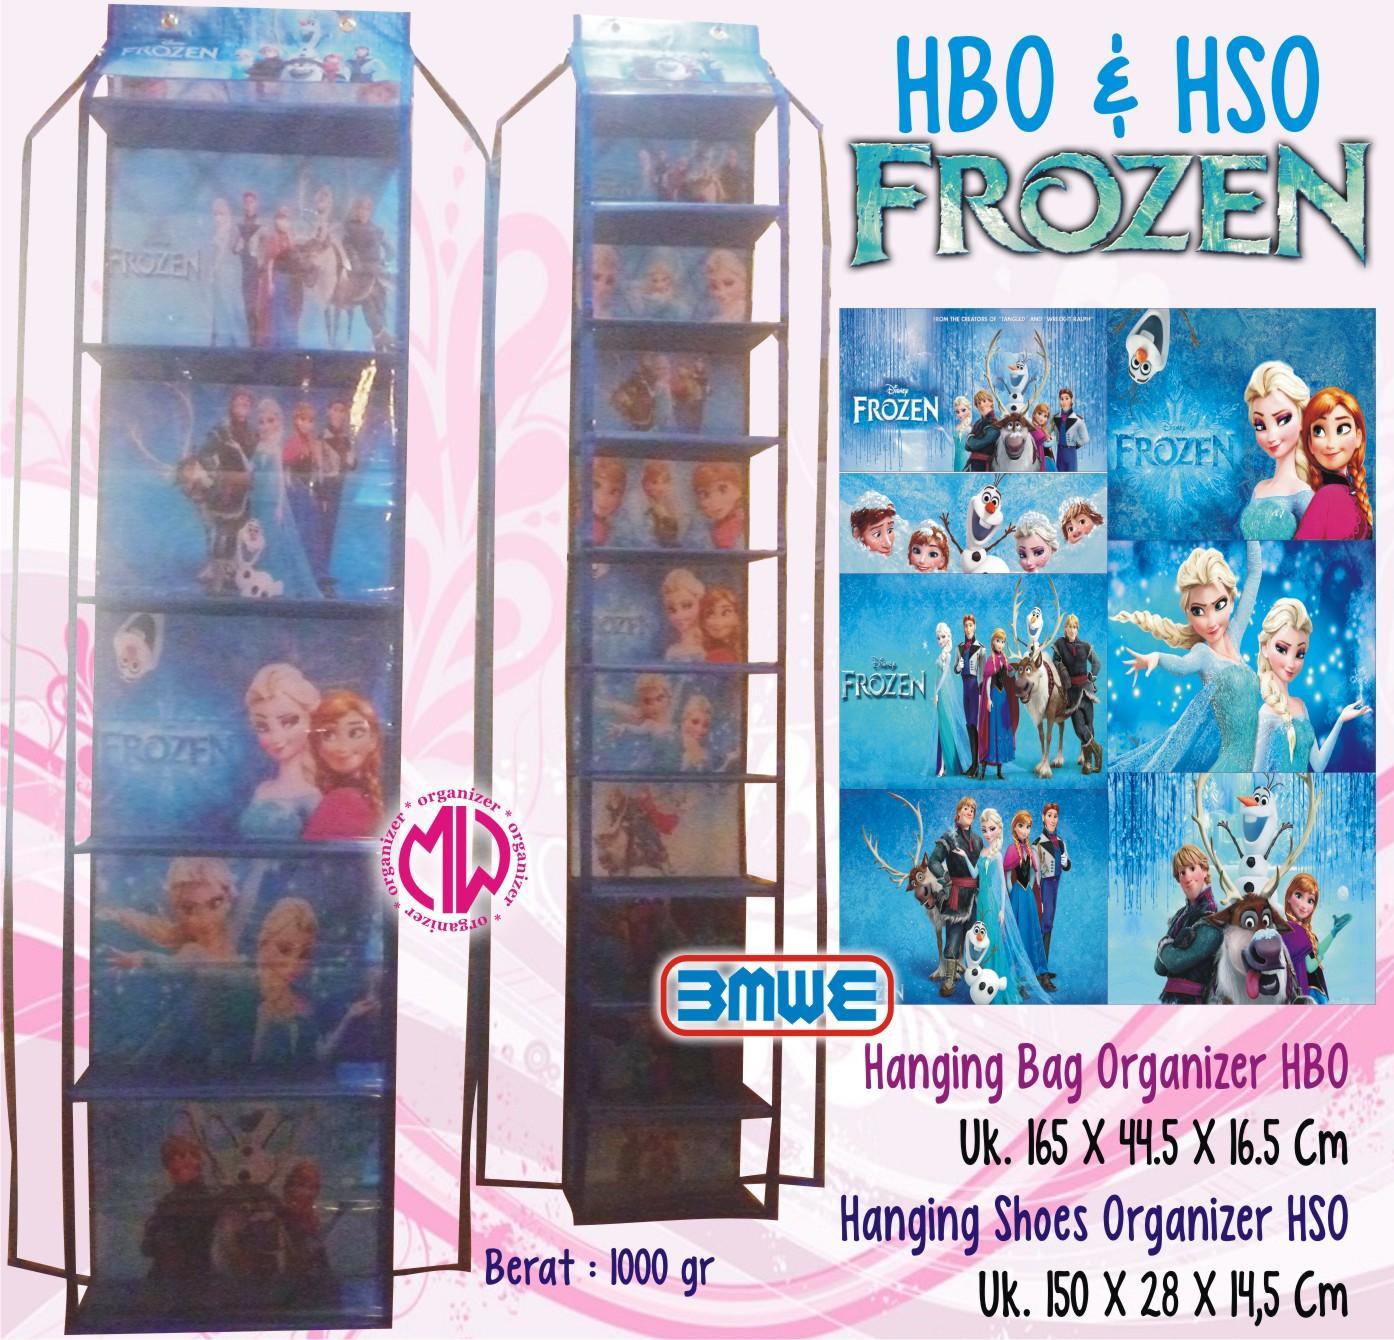 Jual Produk Rak Tas Sepatu Murah Daftar Harga Spesifikasi Set Hijab 1 Hboz Hsoz Gantung Resleting Frozen